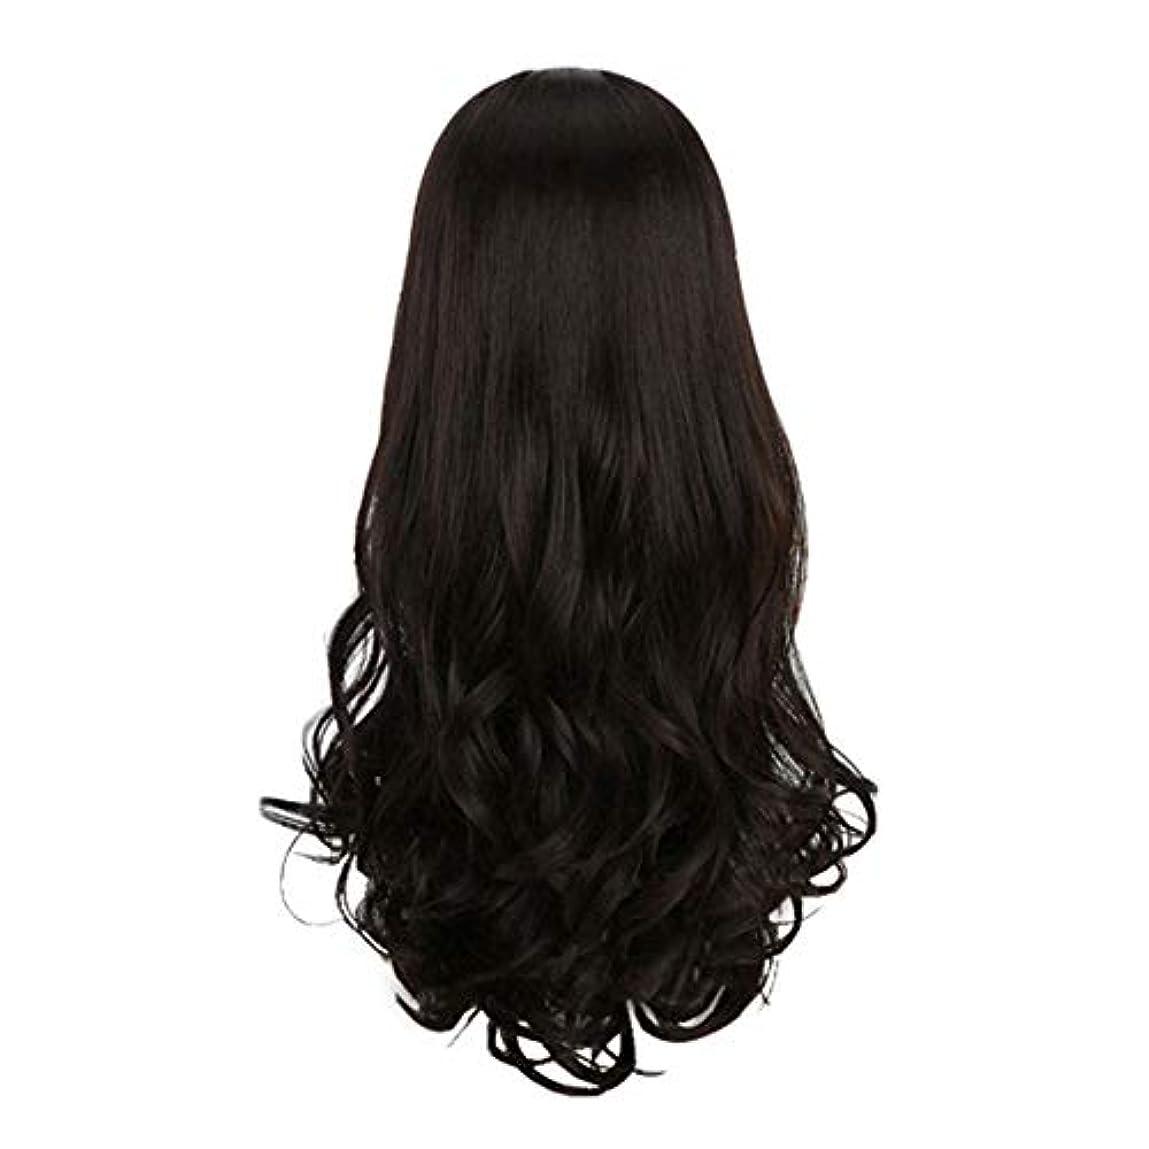 無関心すなわち締めるヘアピースブラックかつらフルヘッドカーリーウェーブクリップオン人工毛エクステンションヘアピース女性用ロング気質かつらナチュラル、ブラック